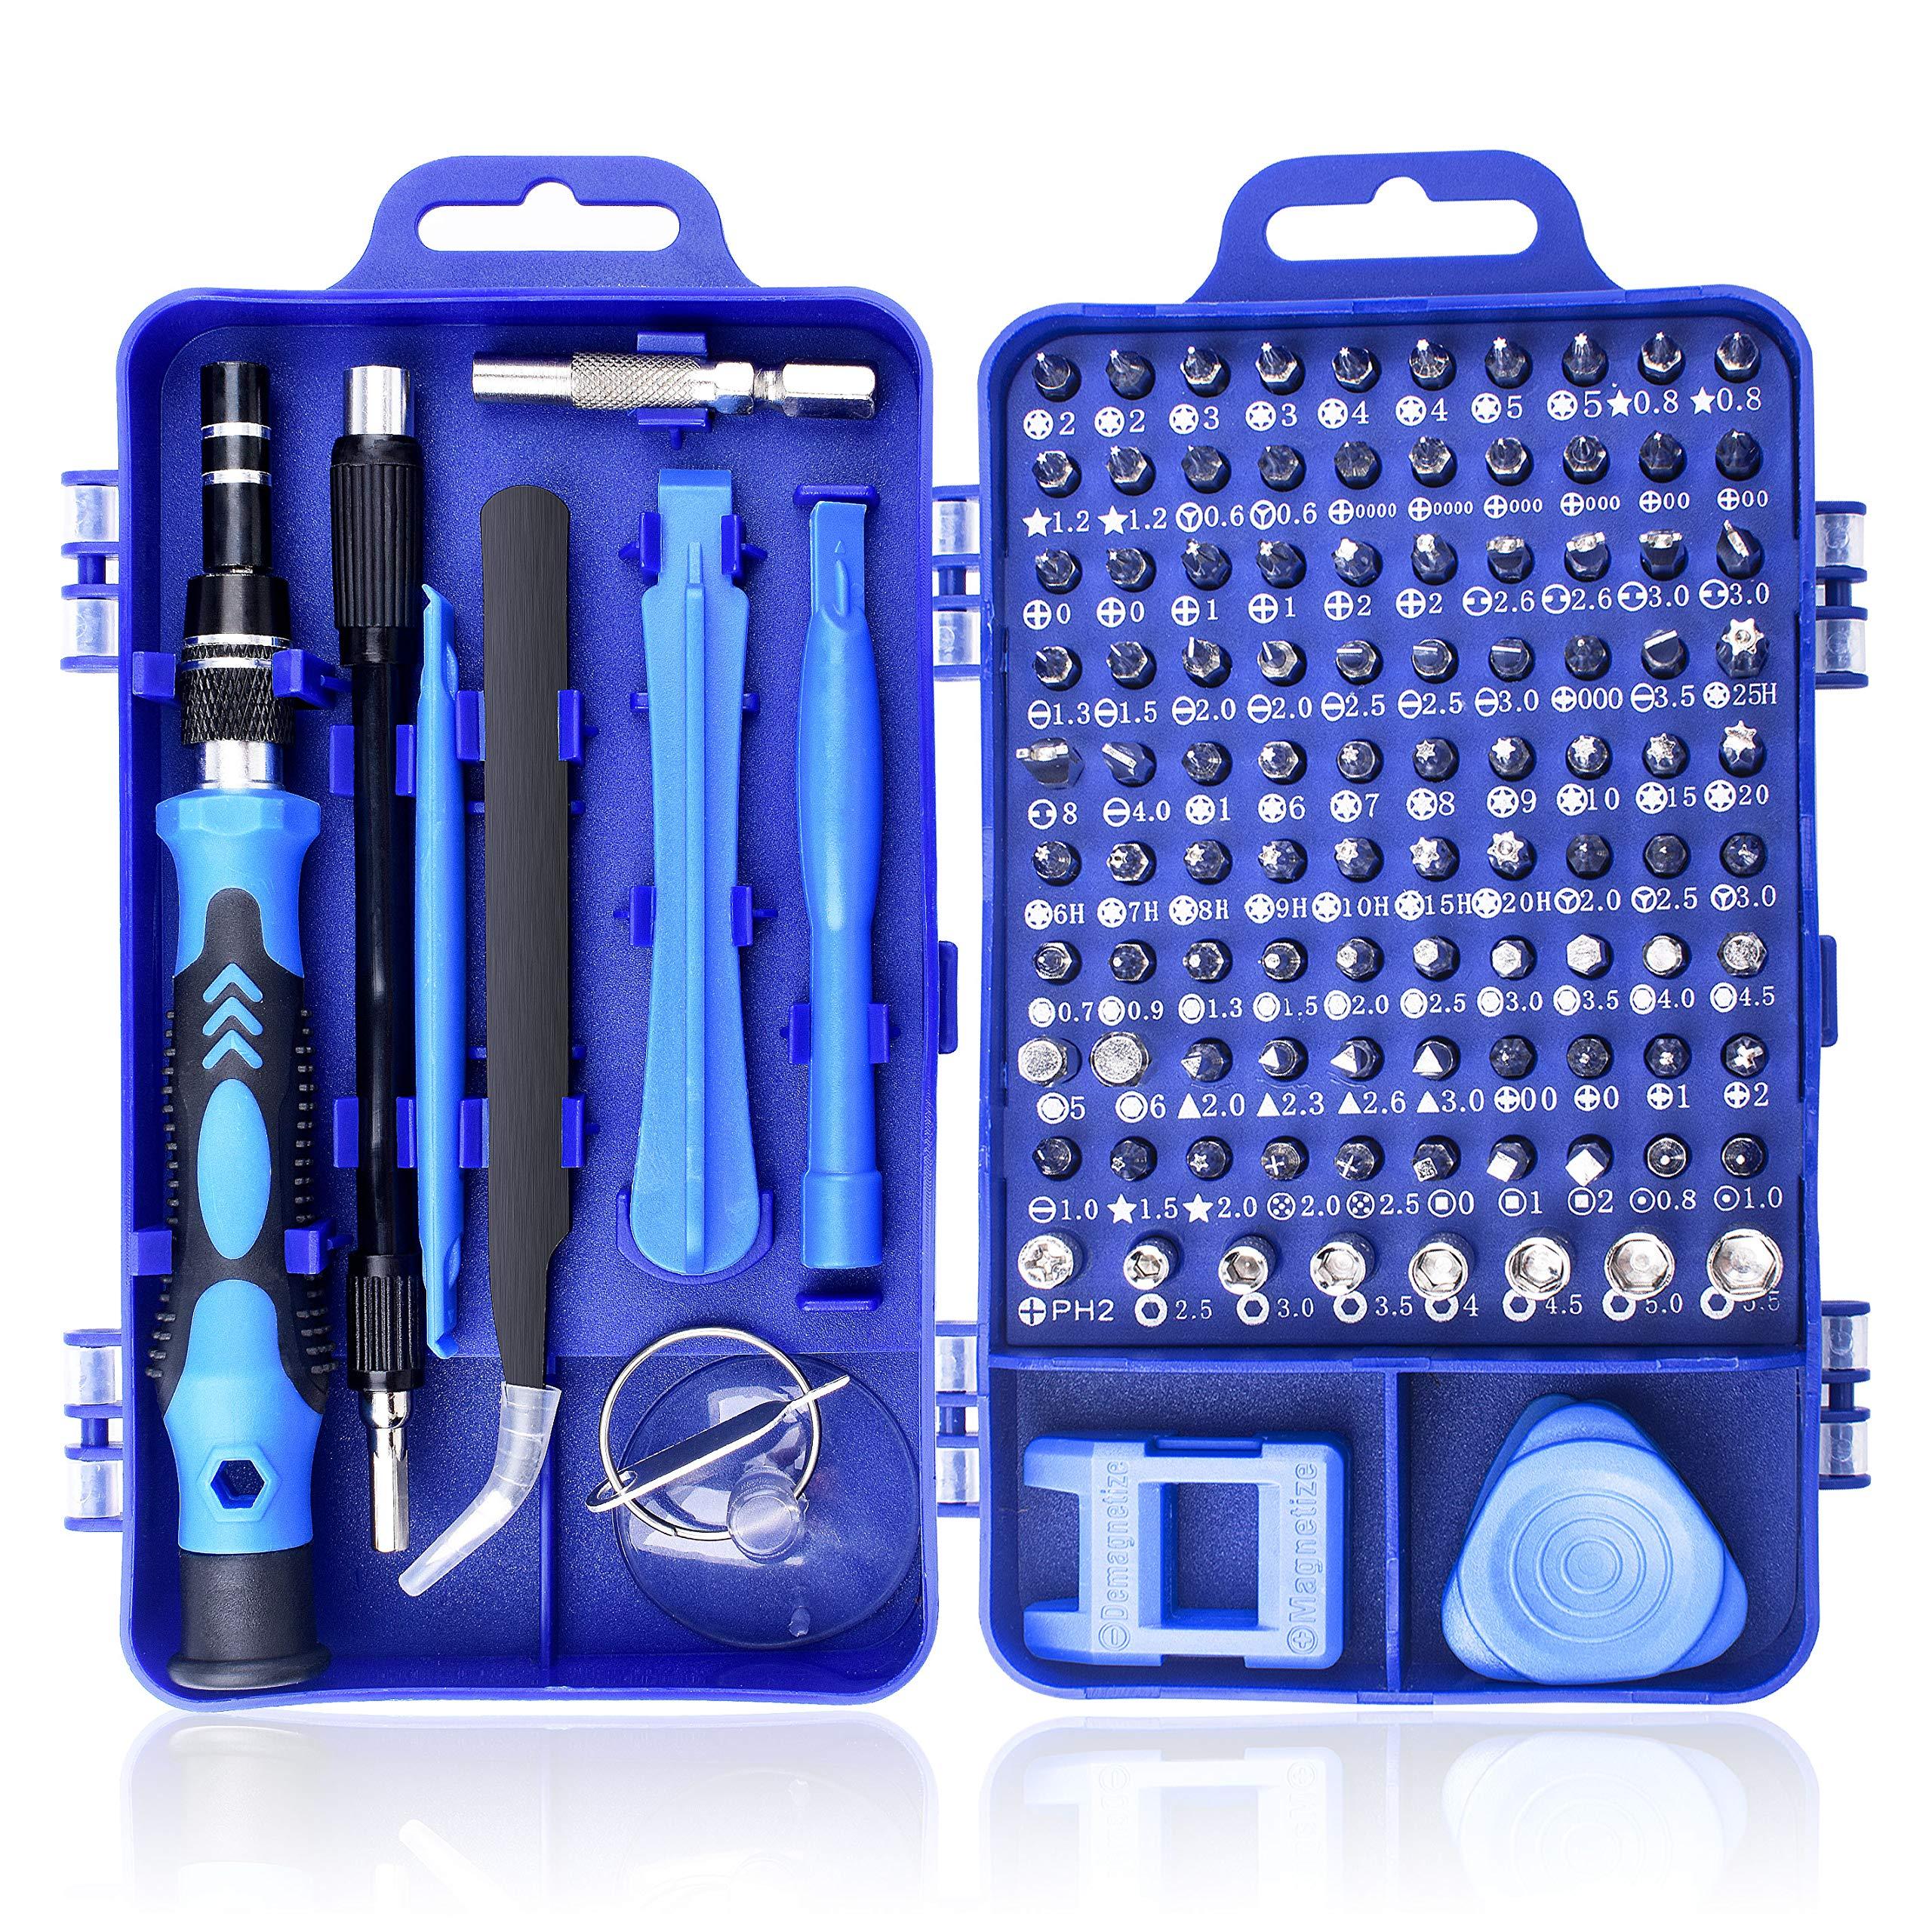 Juego de Destornilladores de Precisión, 115 en 1 Kit de Herramientas de Reparación de Destornilladores de Precisión con Magnética para iPhone, PC, Reloj, Portátil, Gafas, Electrónica, Joyería, etc.: Amazon.es: Bricolaje y herramientas